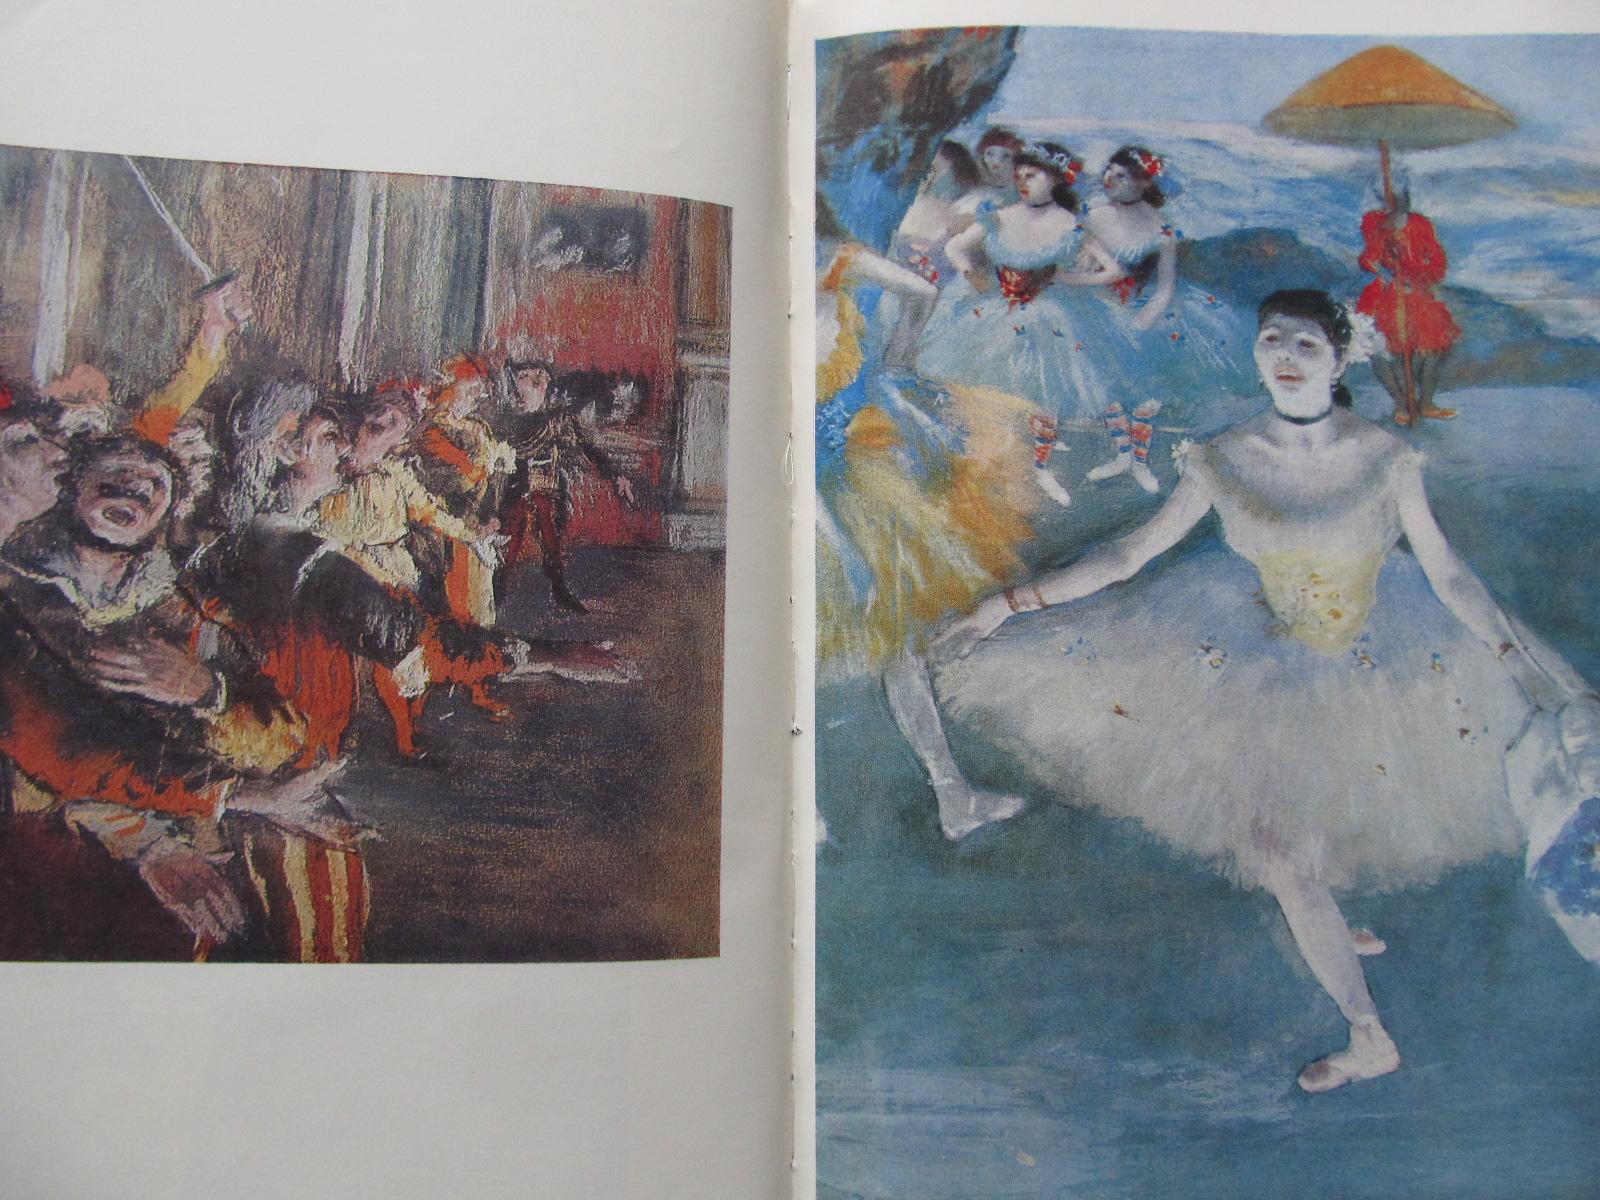 Carte Degas (Album) - format foarte mare - Radu Boureanu